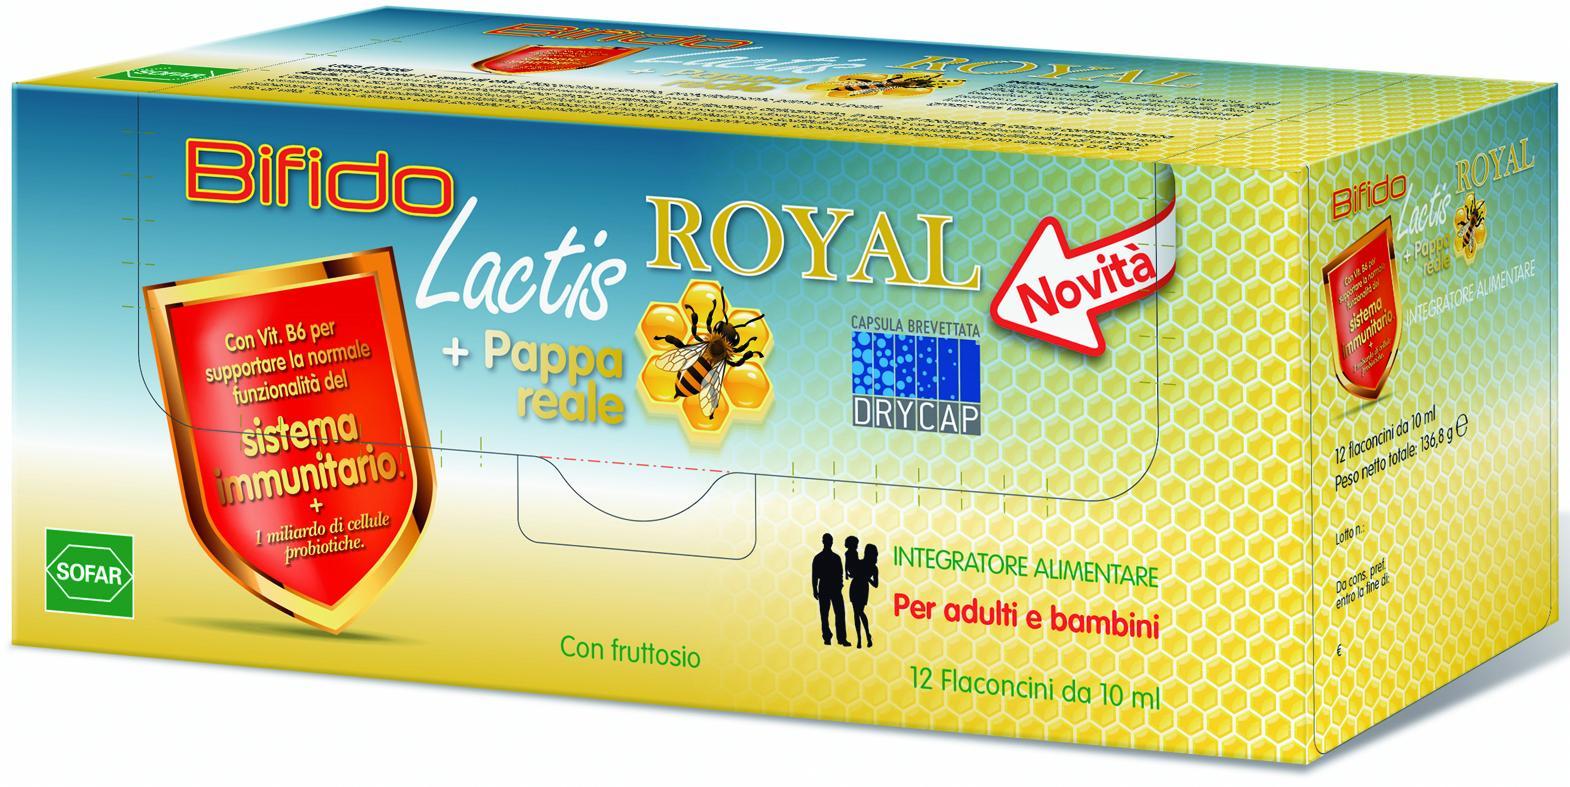 BIFIDOLACTIS ROYAL – 12 flaconcini da 10 ml